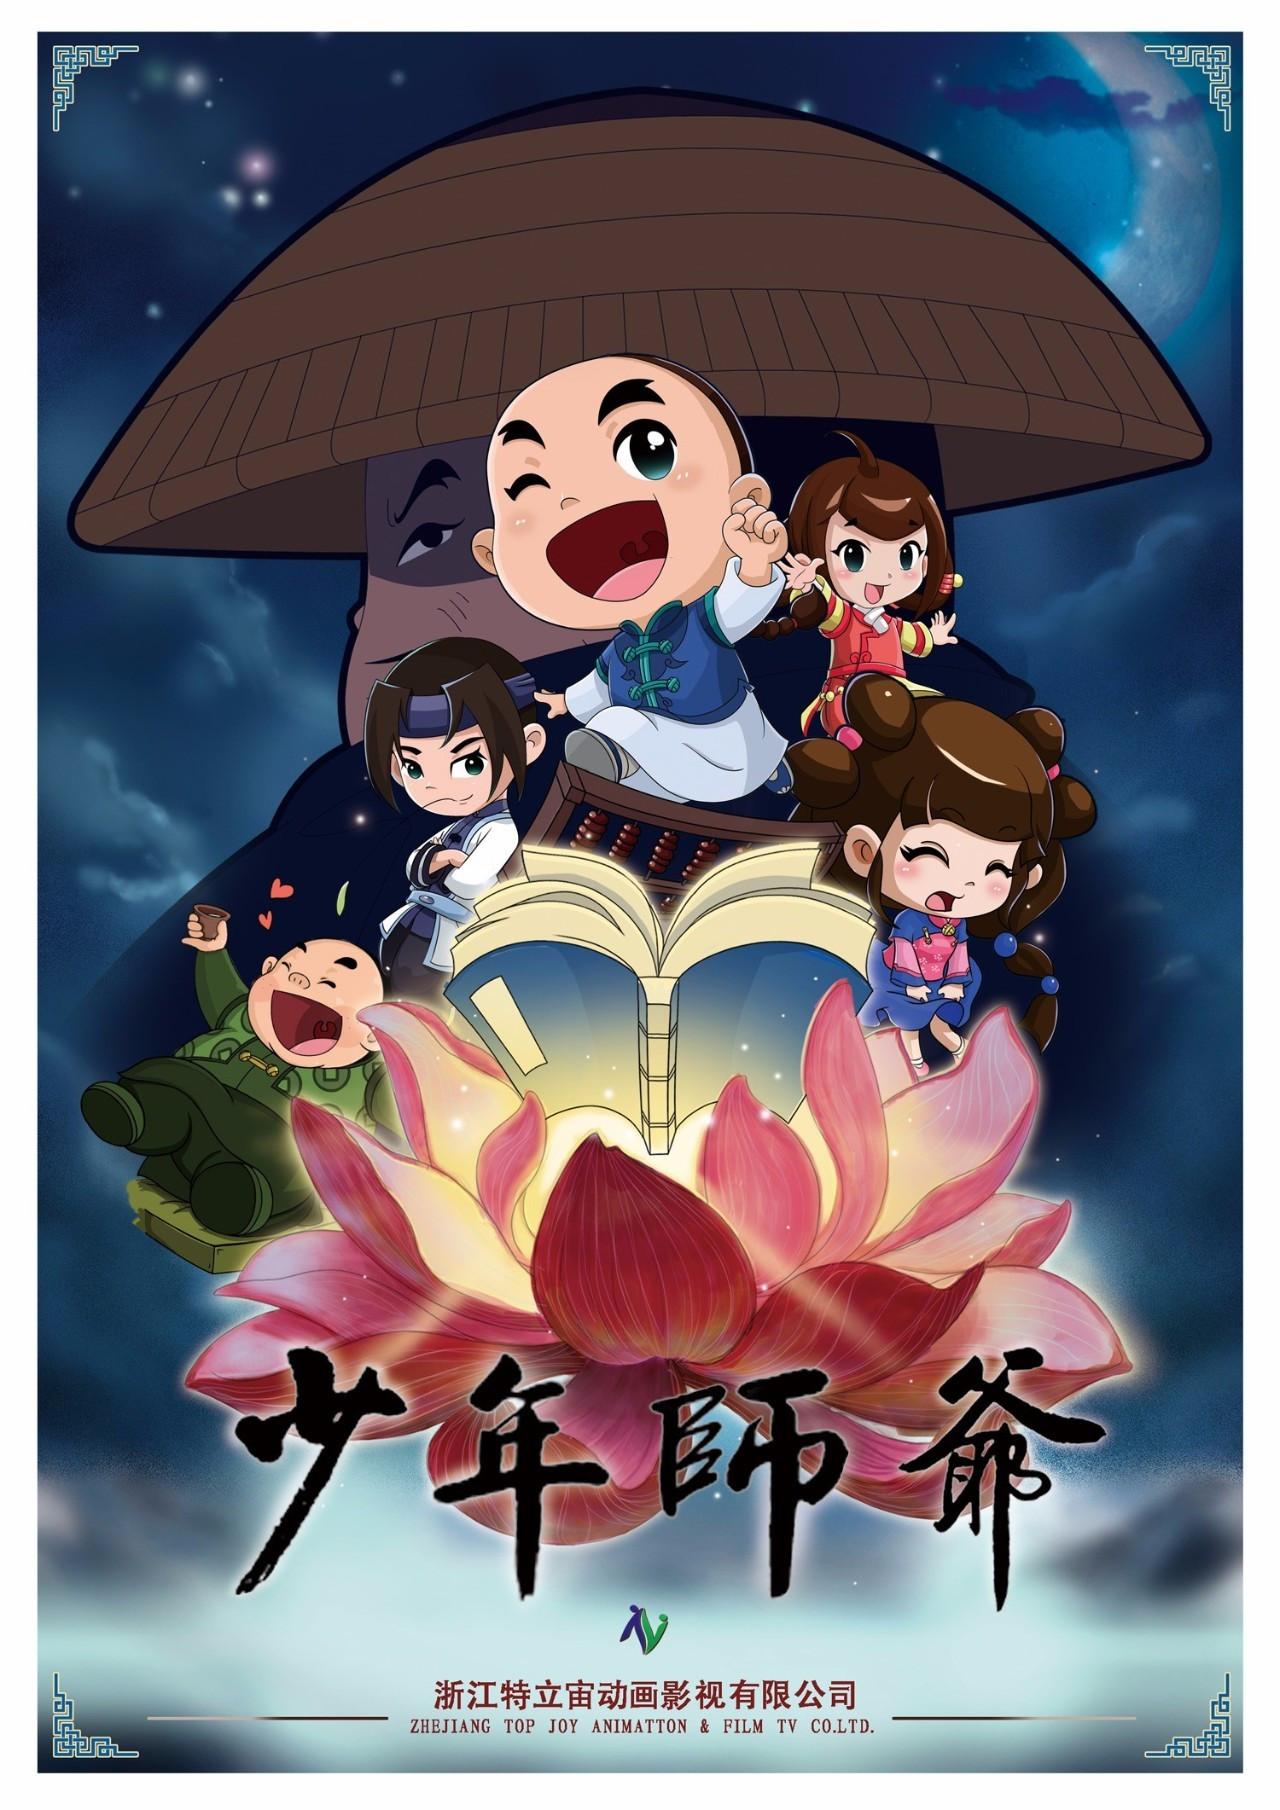 原创动画连载系列《补天奇遇记》:大禹篇